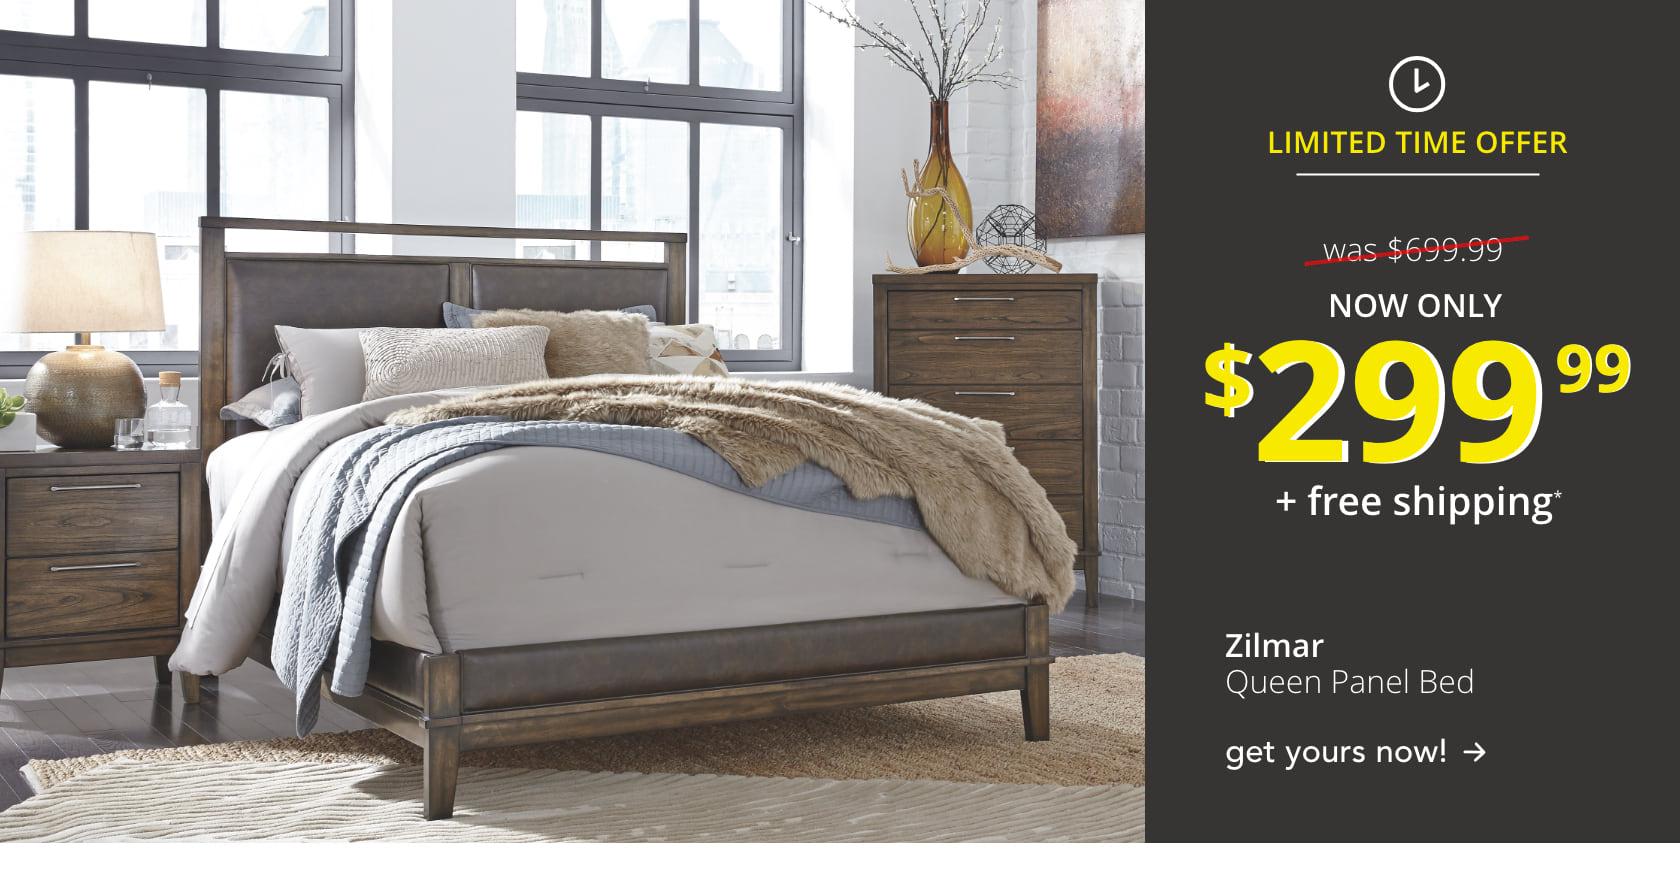 Zilmar Queen Panel Bed